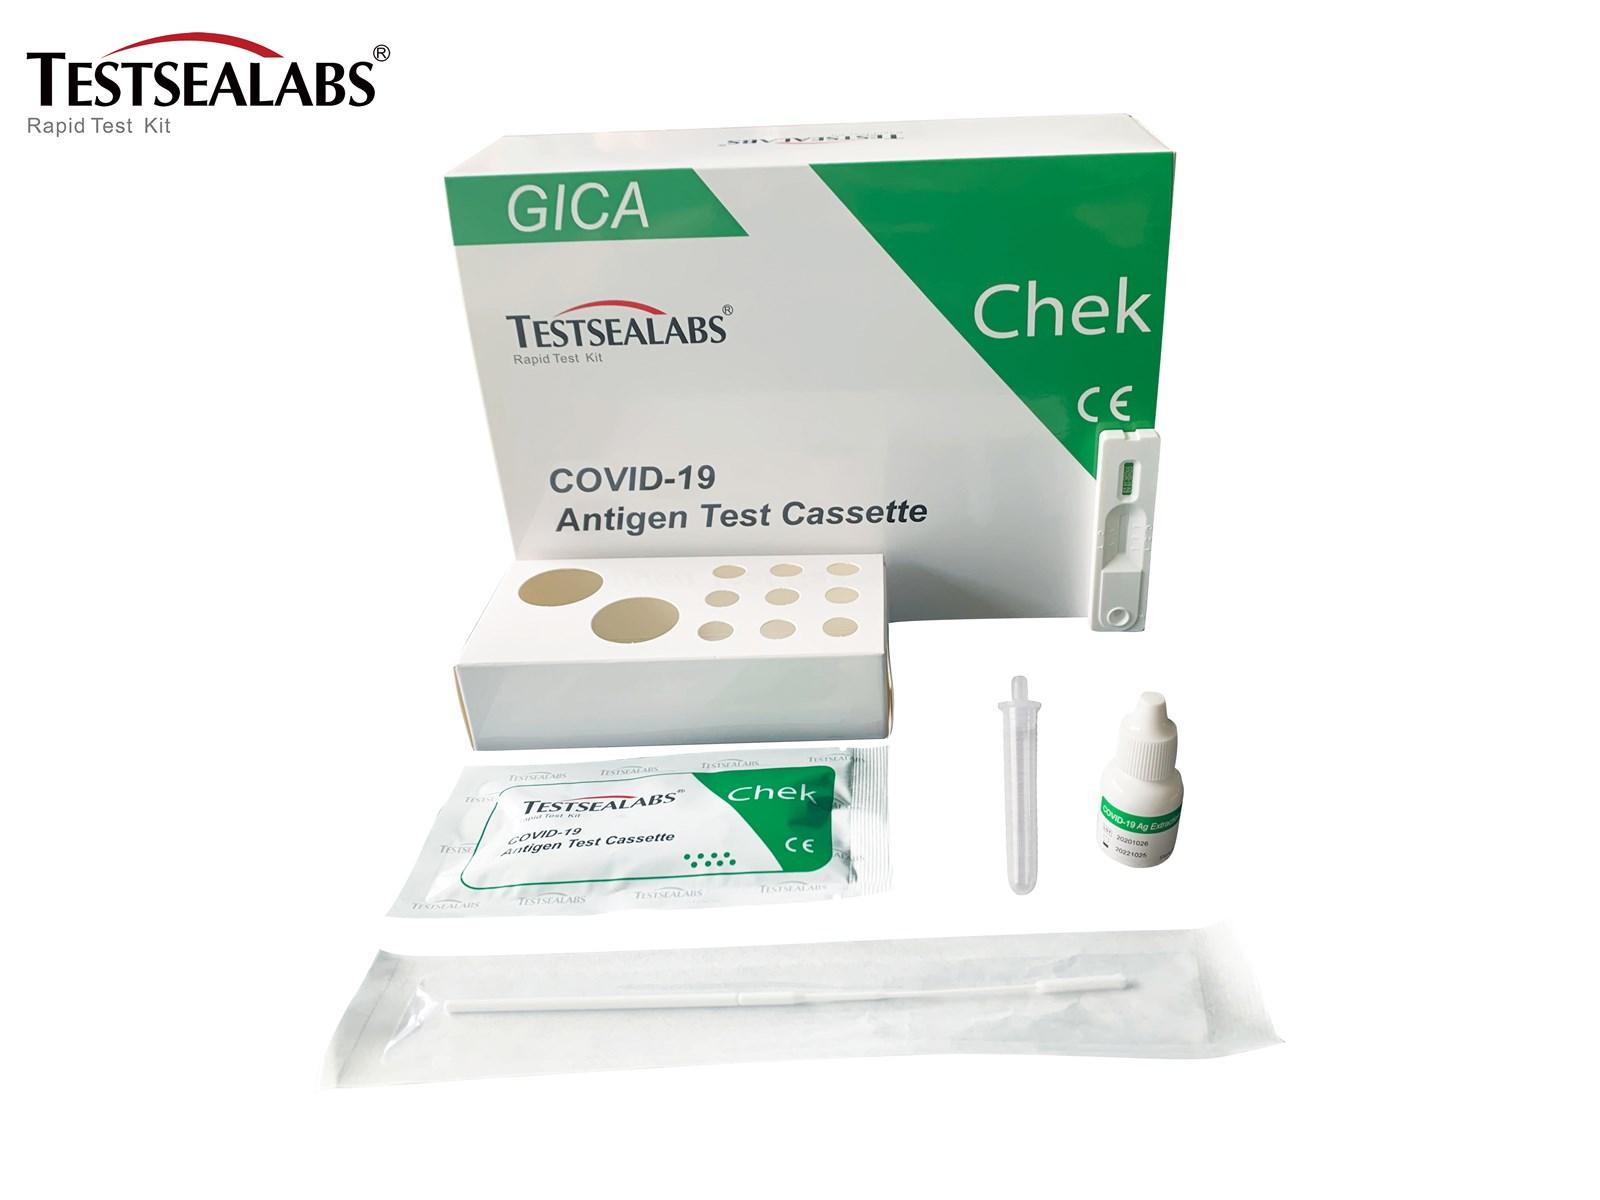 COVID19 Antigen test cassette nasopharyngeal swab